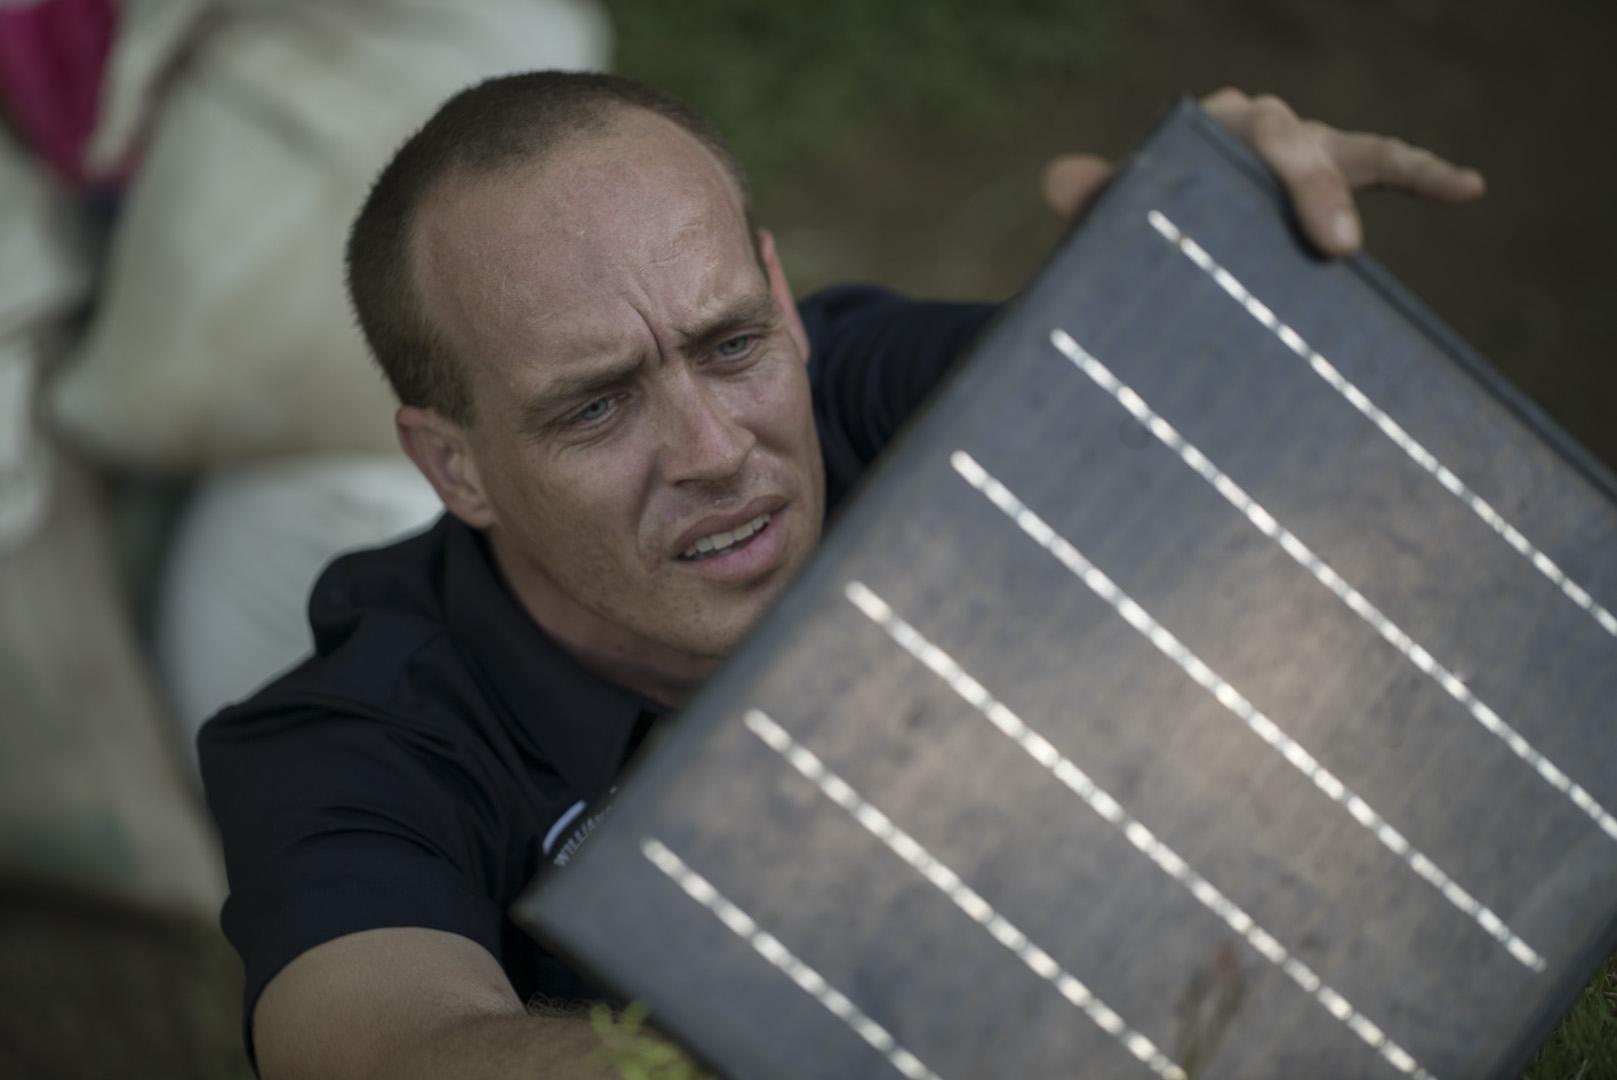 Eyekandi solar panel installation in Chiang Mai